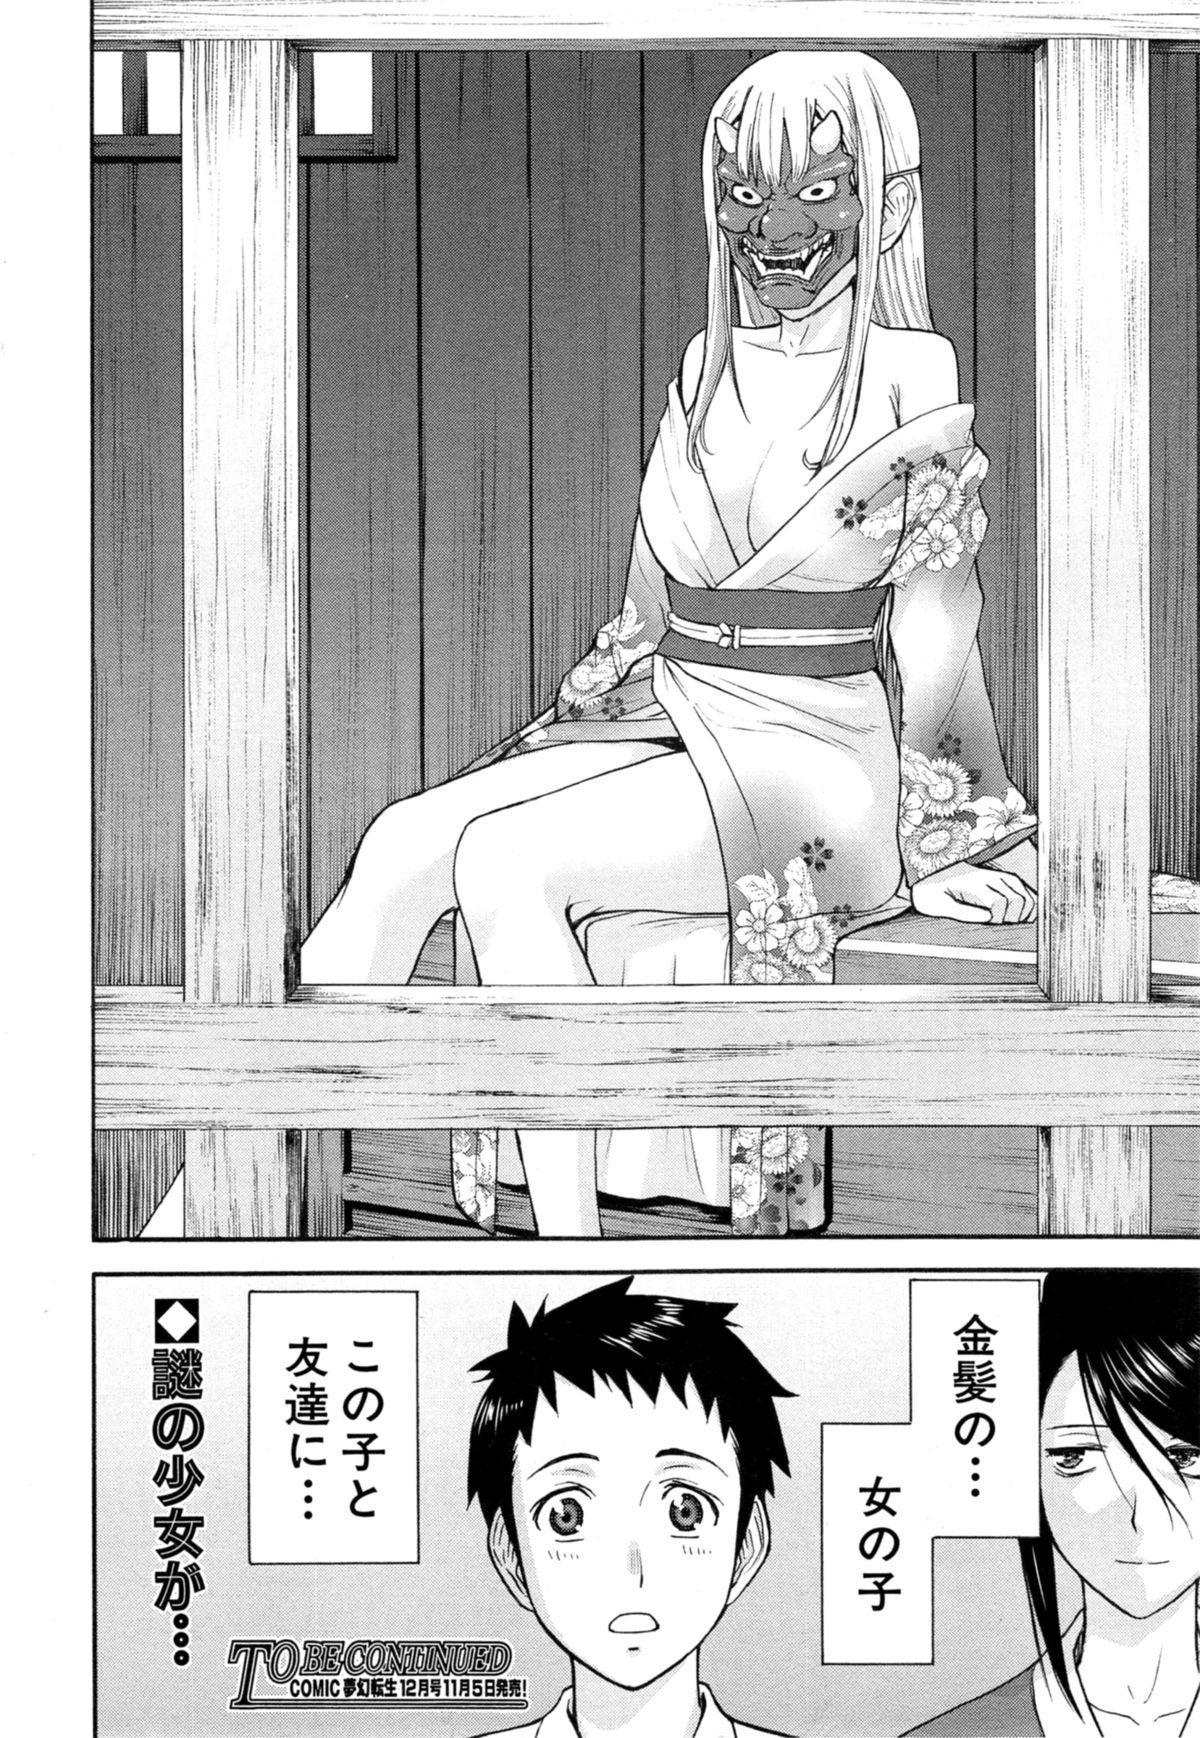 Zashikihime no Omocha Ch. 1-2 35